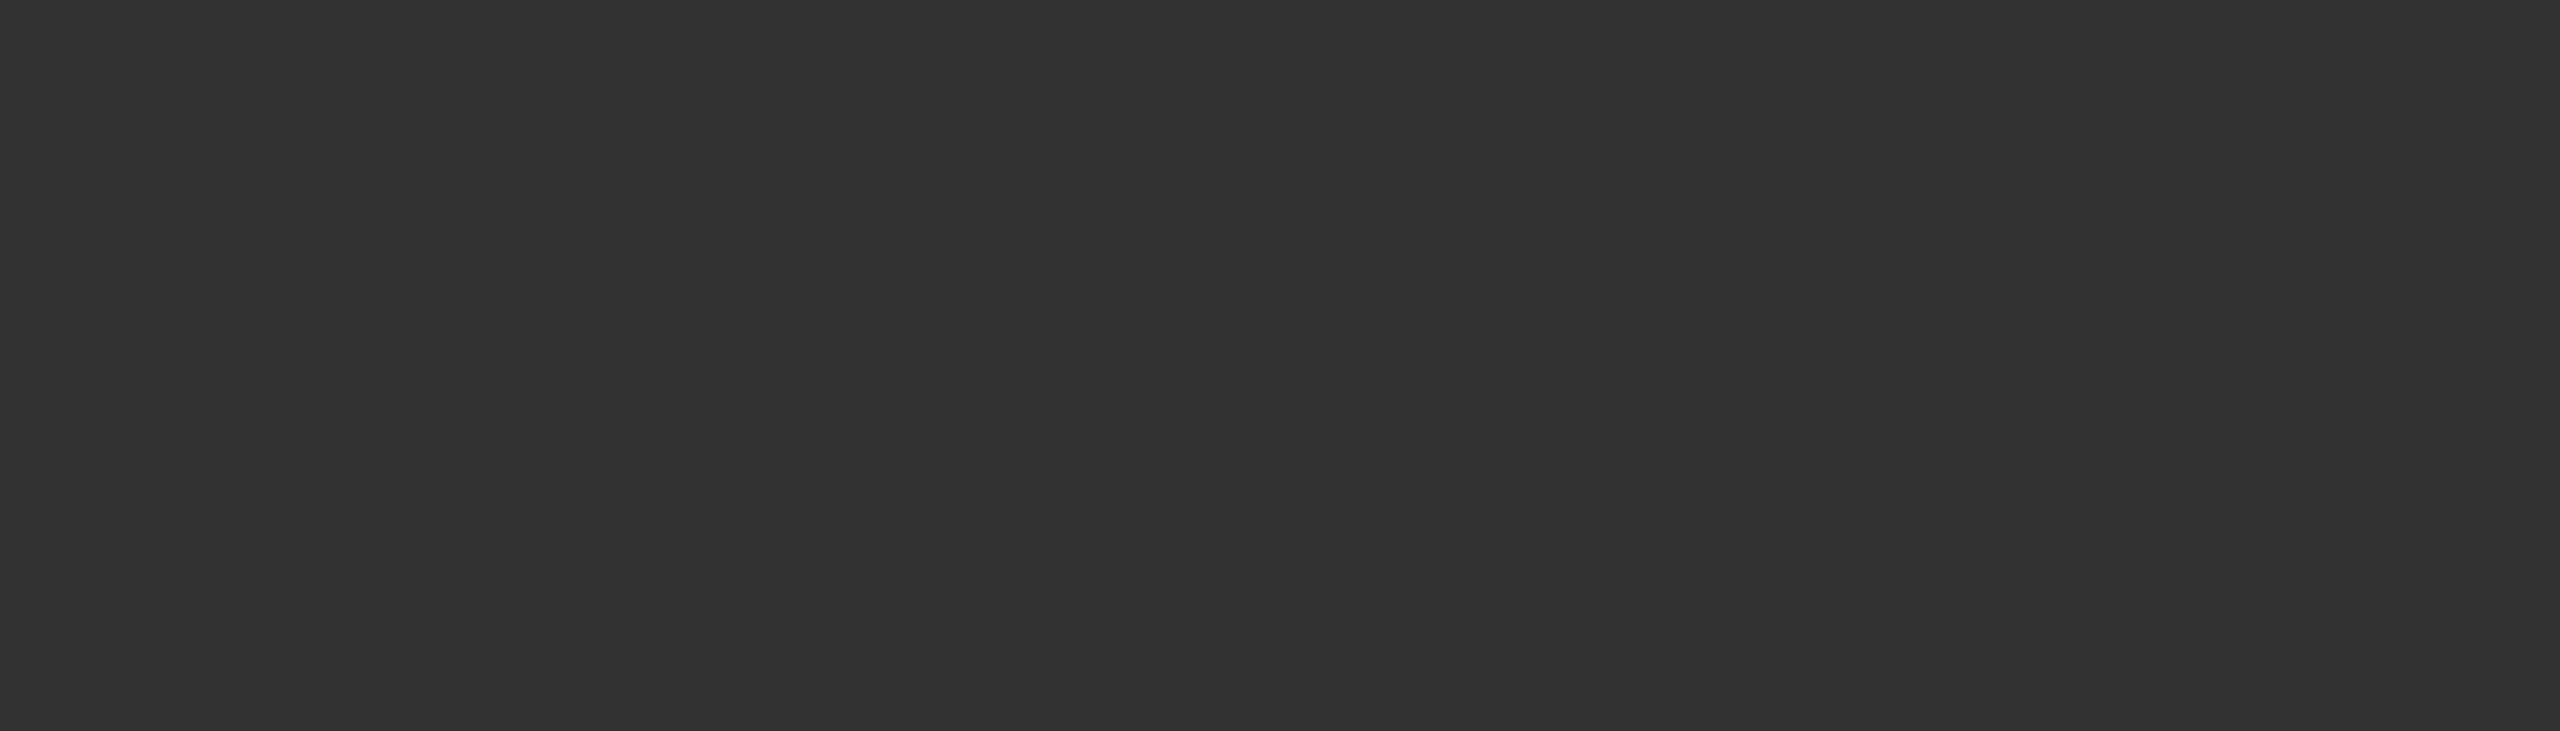 Zip Line PNG - 40836